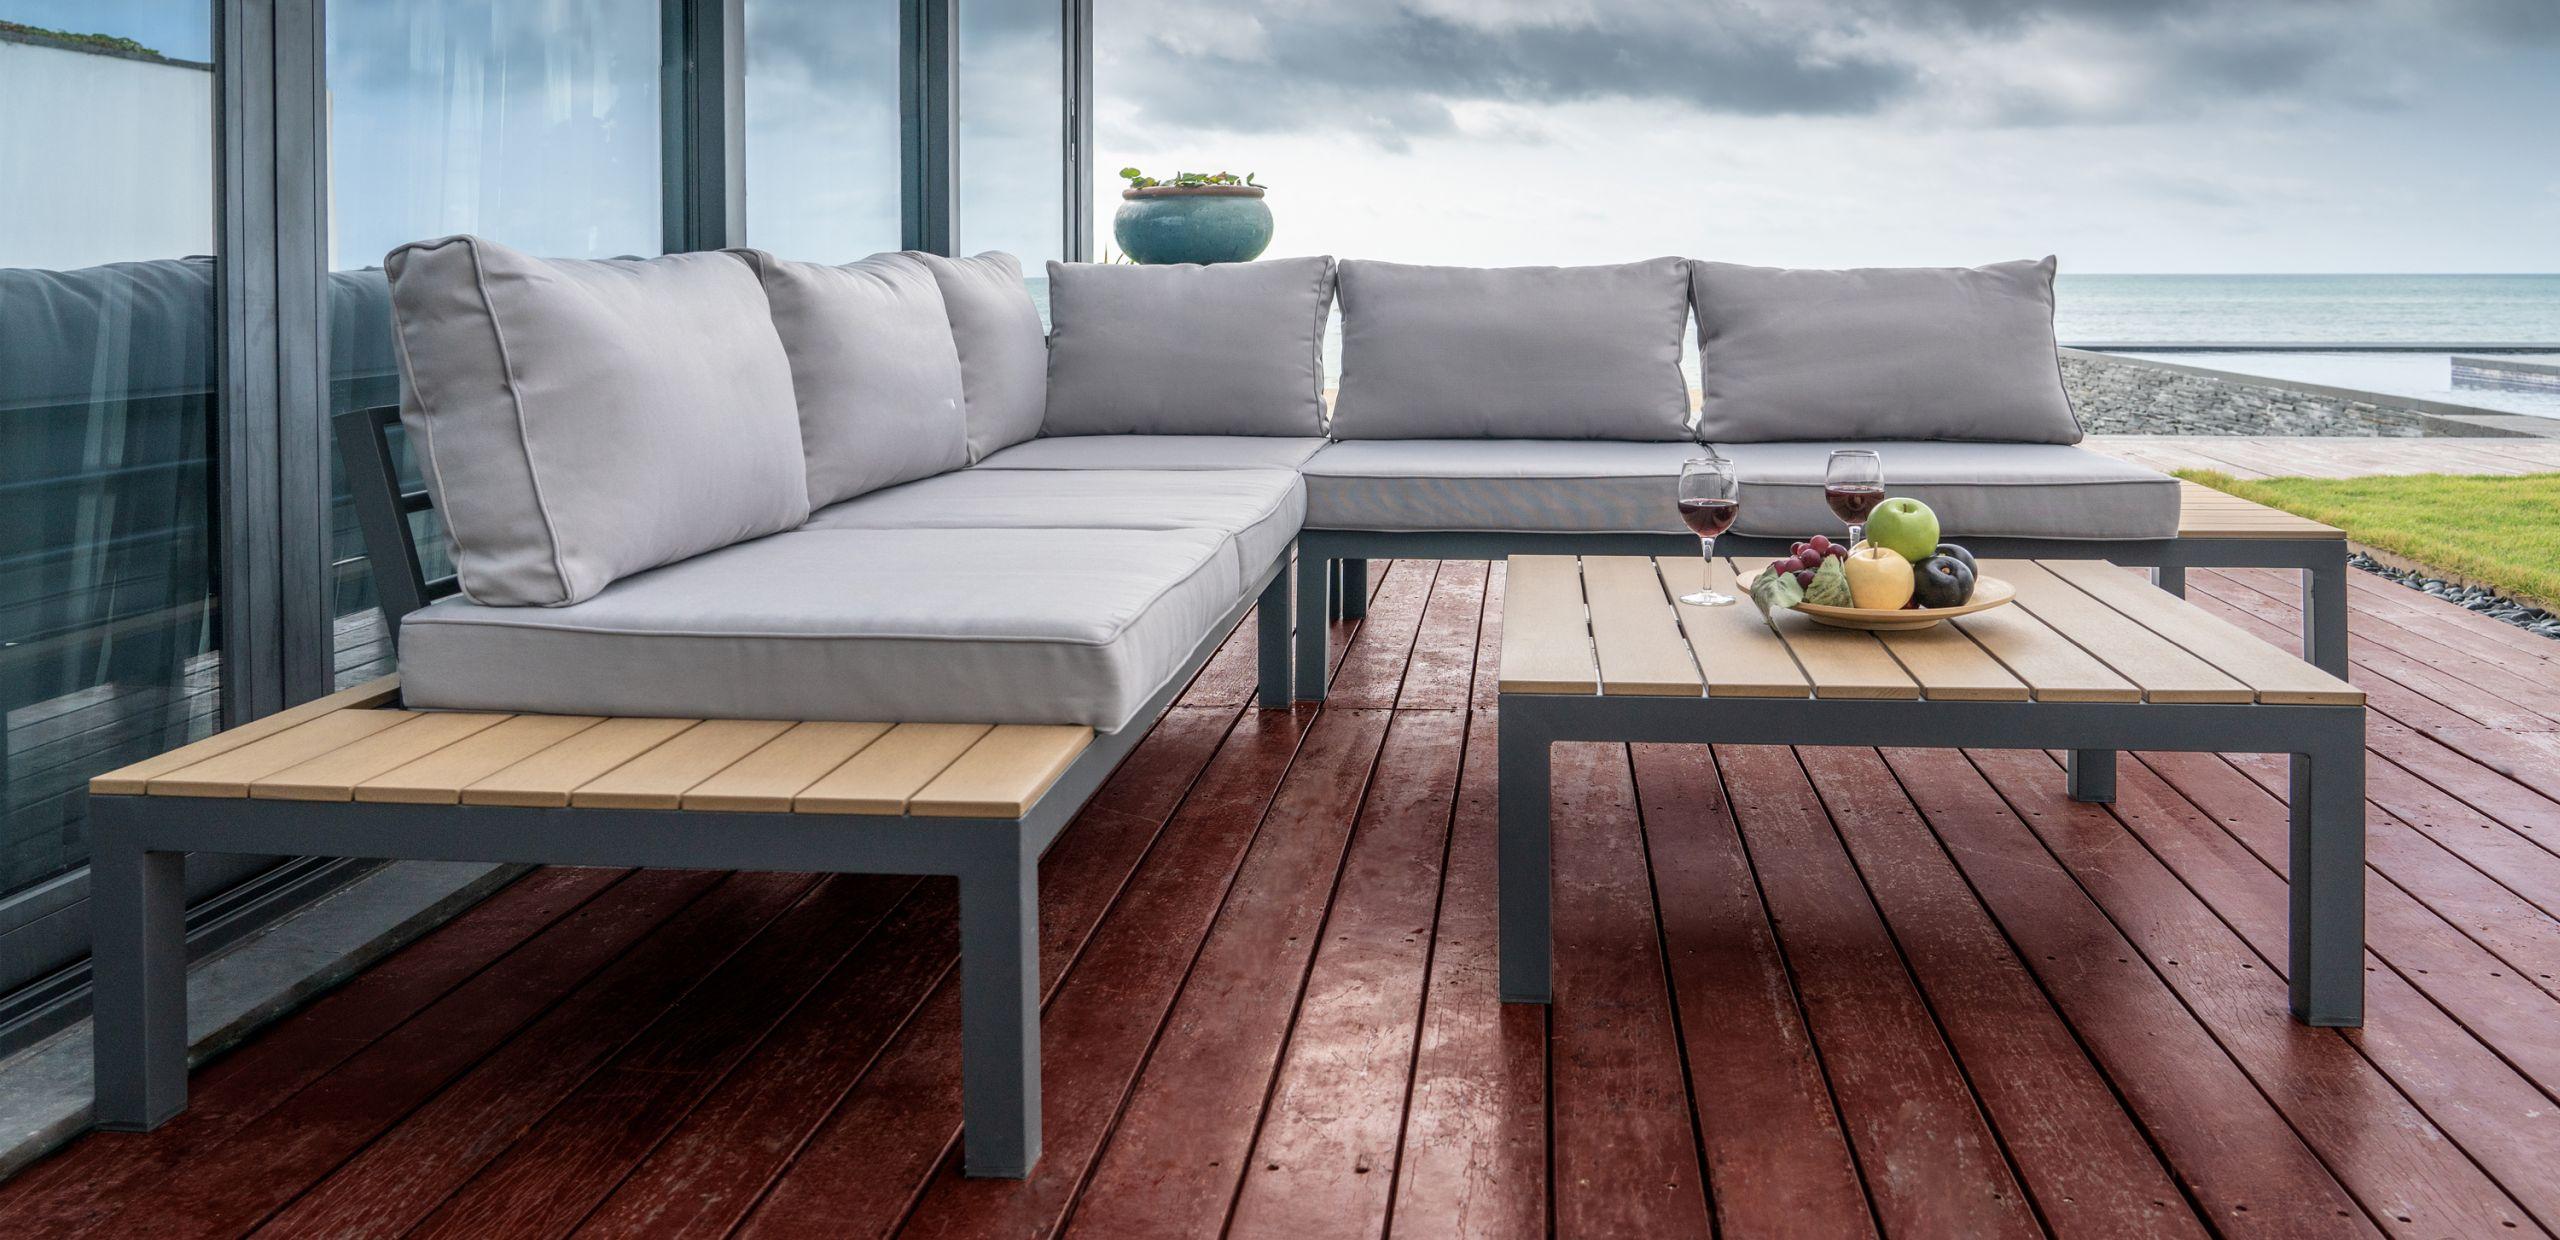 Full Size of Gartenmbel Wohnzimmer Couch Terrasse